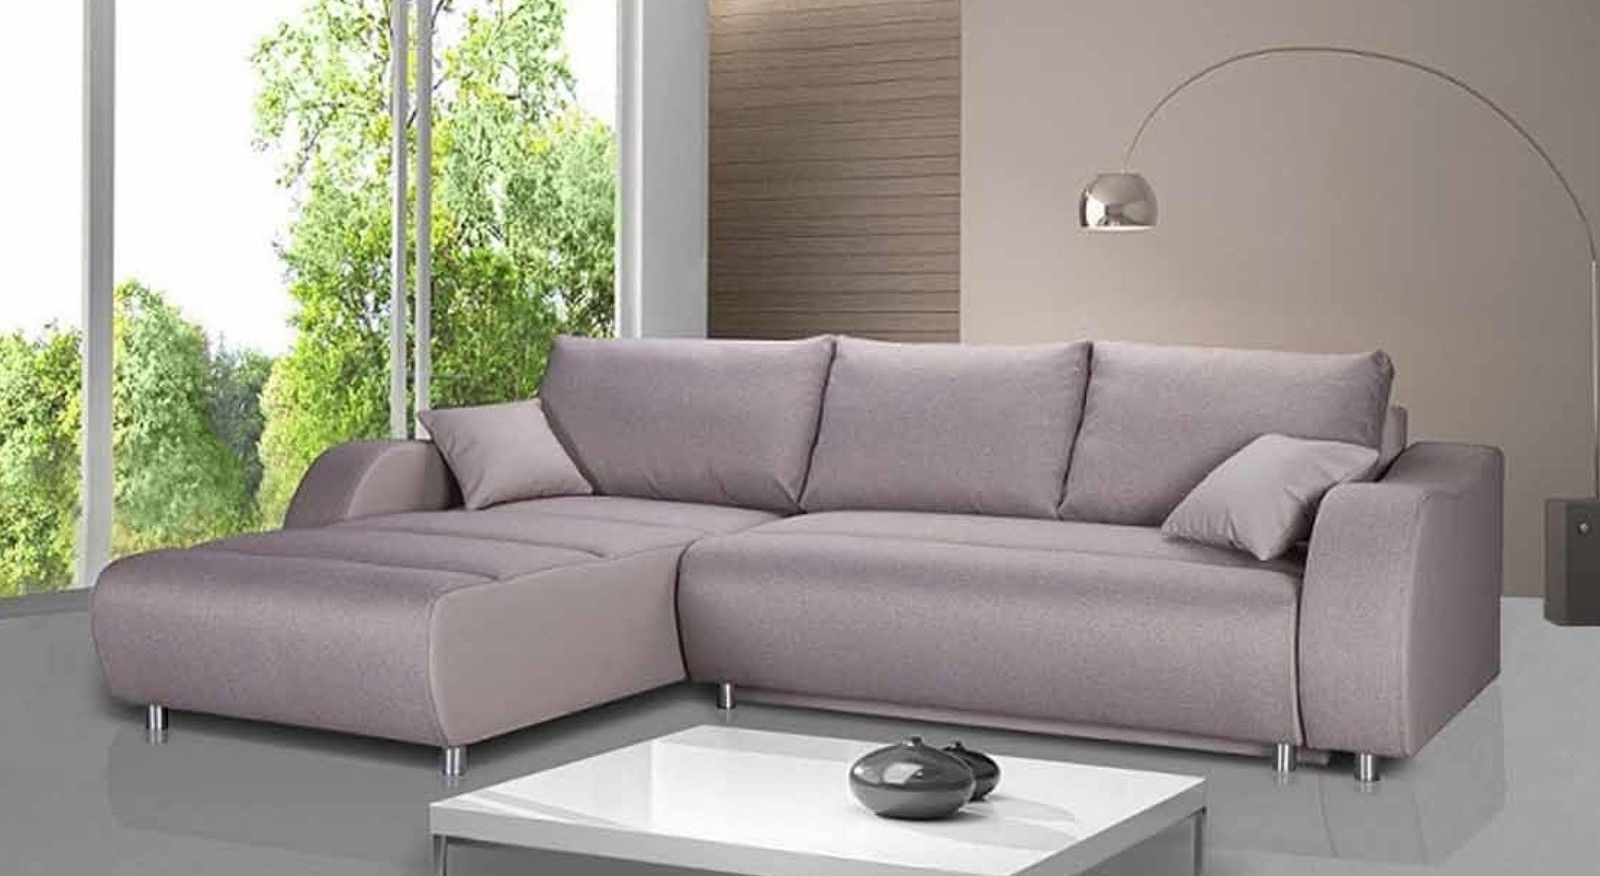 Awesome Modular Corner Sofas Uk – Mediasupload With Regard To Popular Modular Corner Sofas (View 19 of 20)